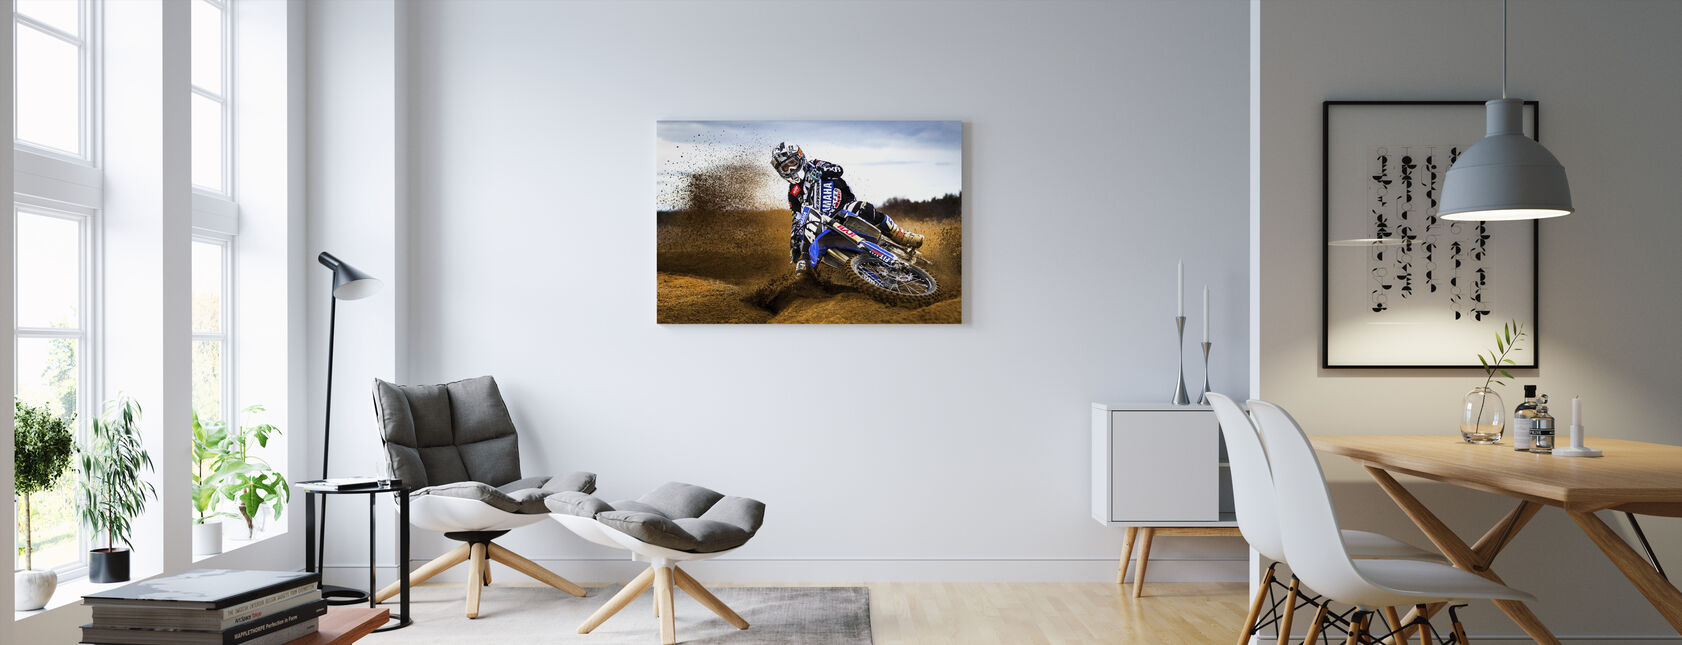 Motocrosskuskit